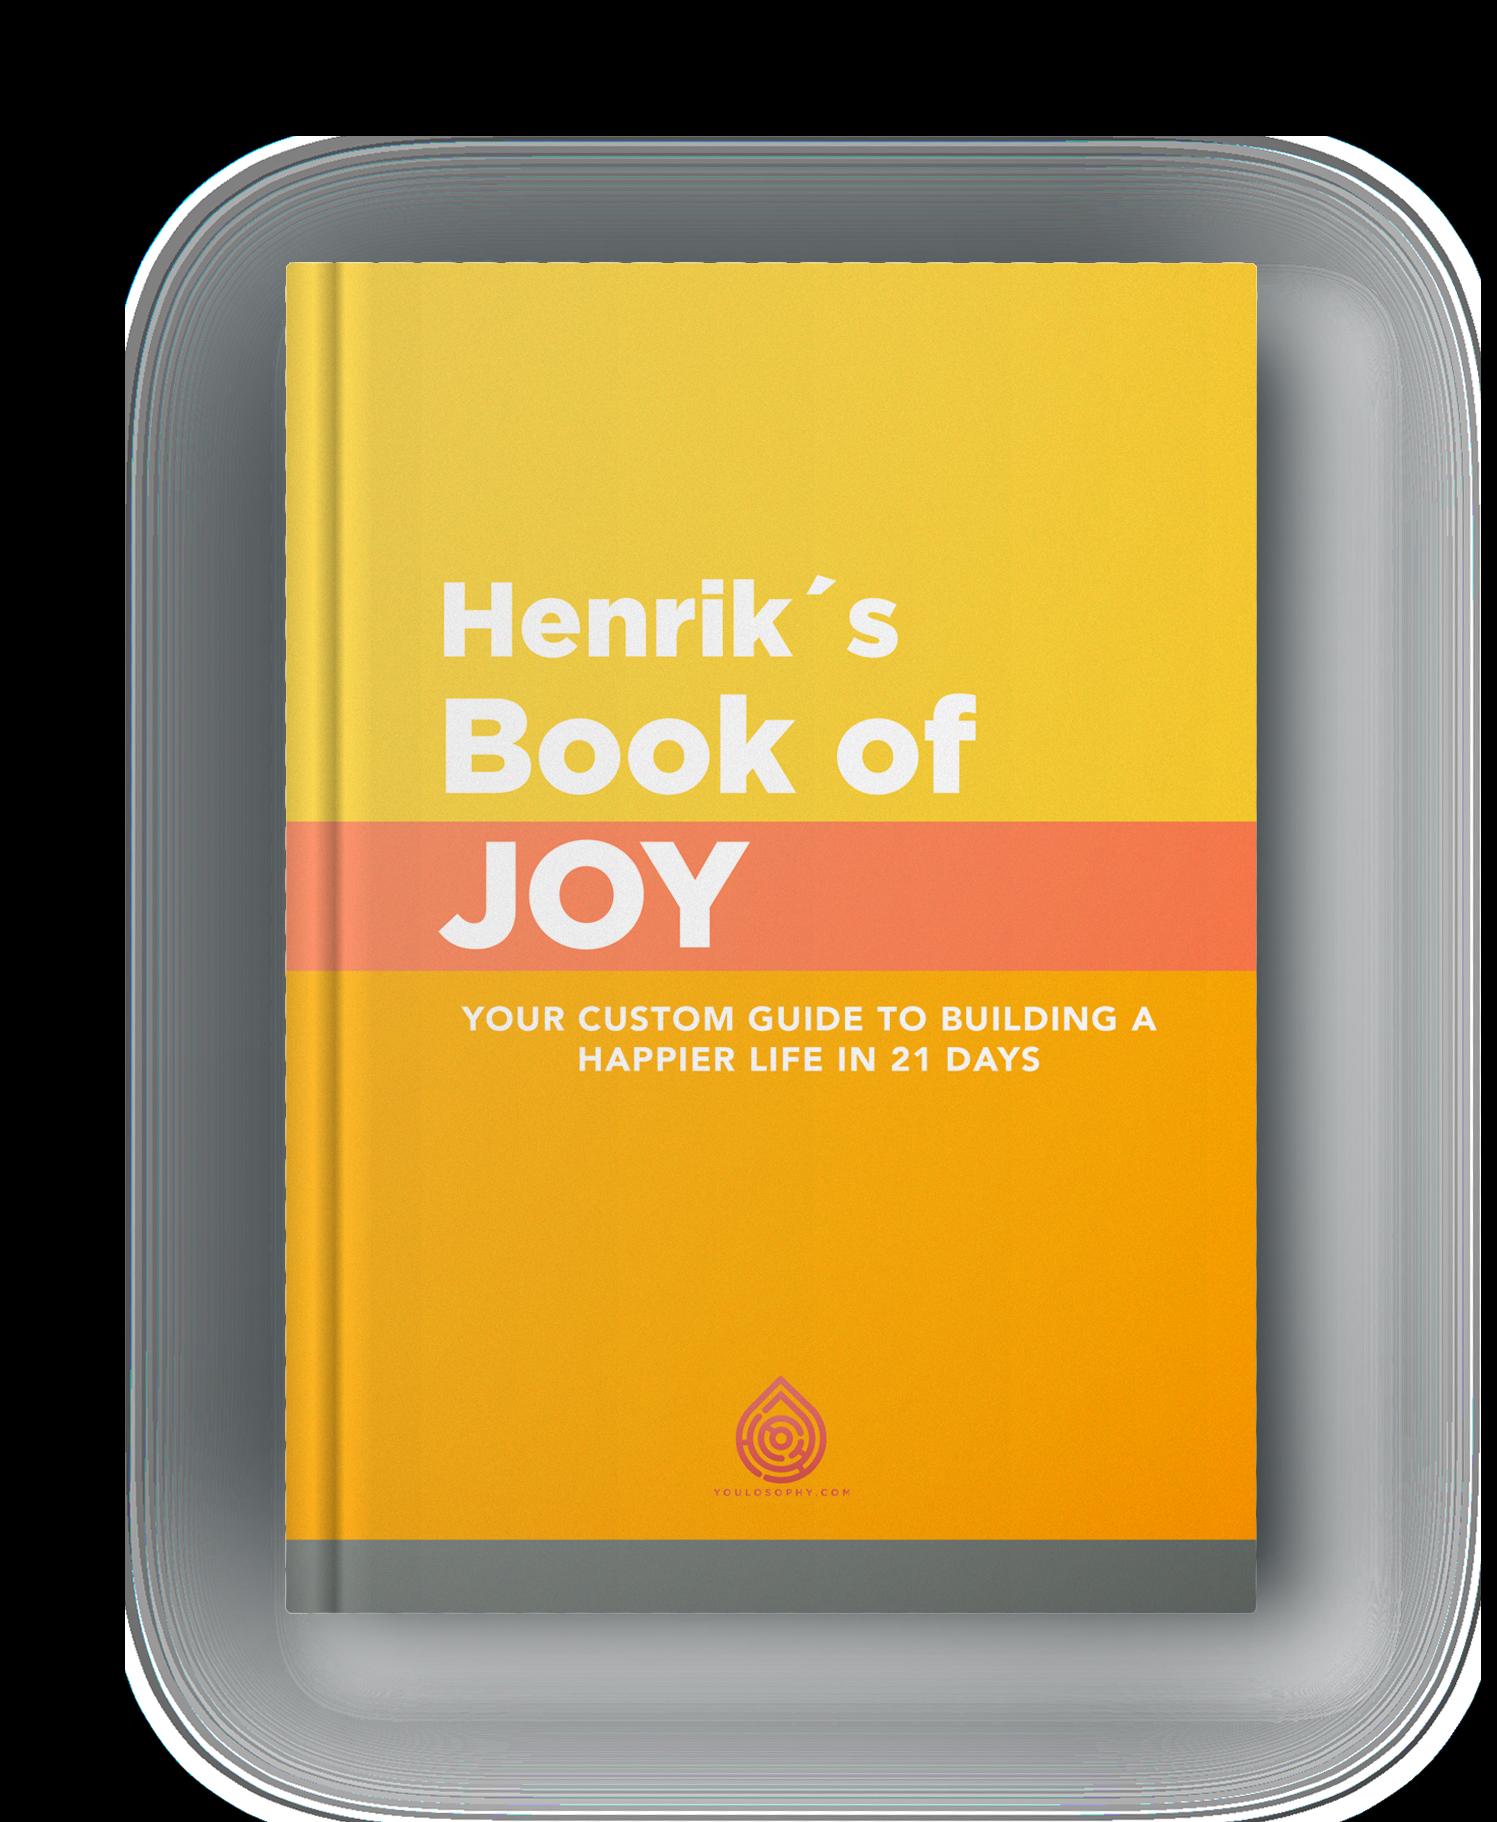 bookofjoy_en_cover.png